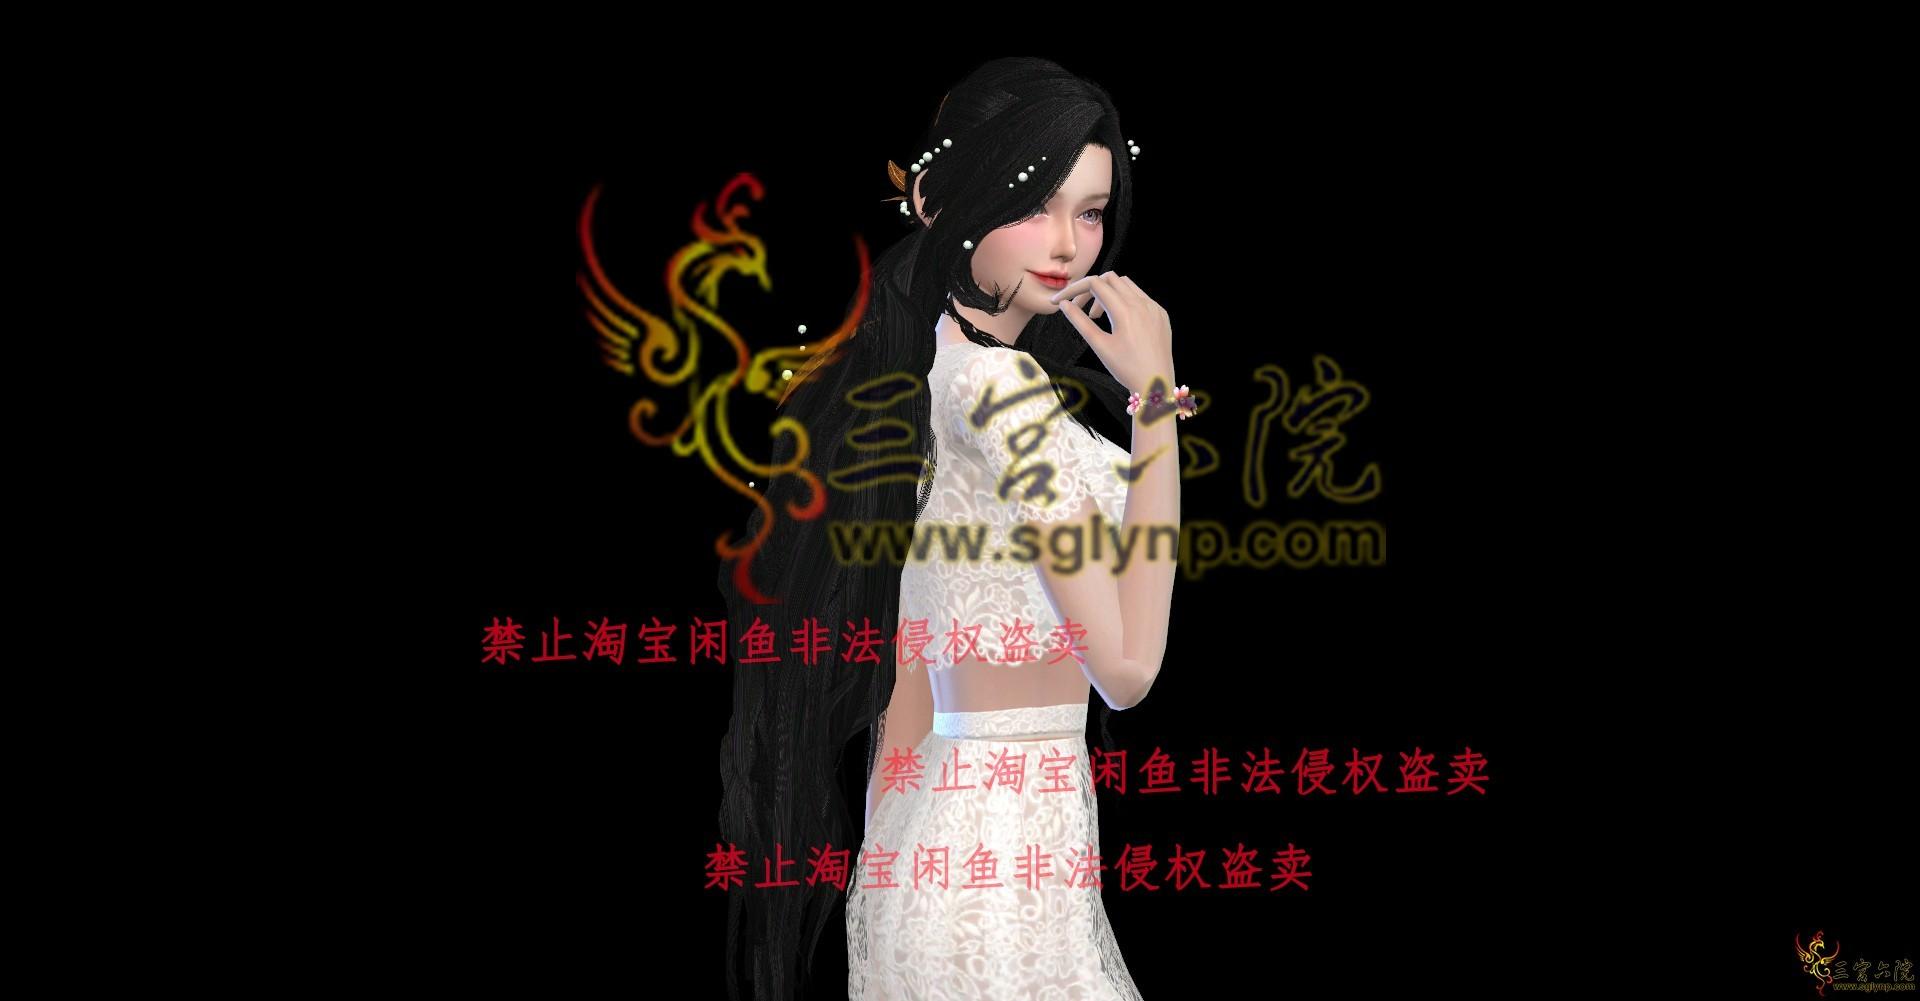 [xinxin]樱花手链(右手).png